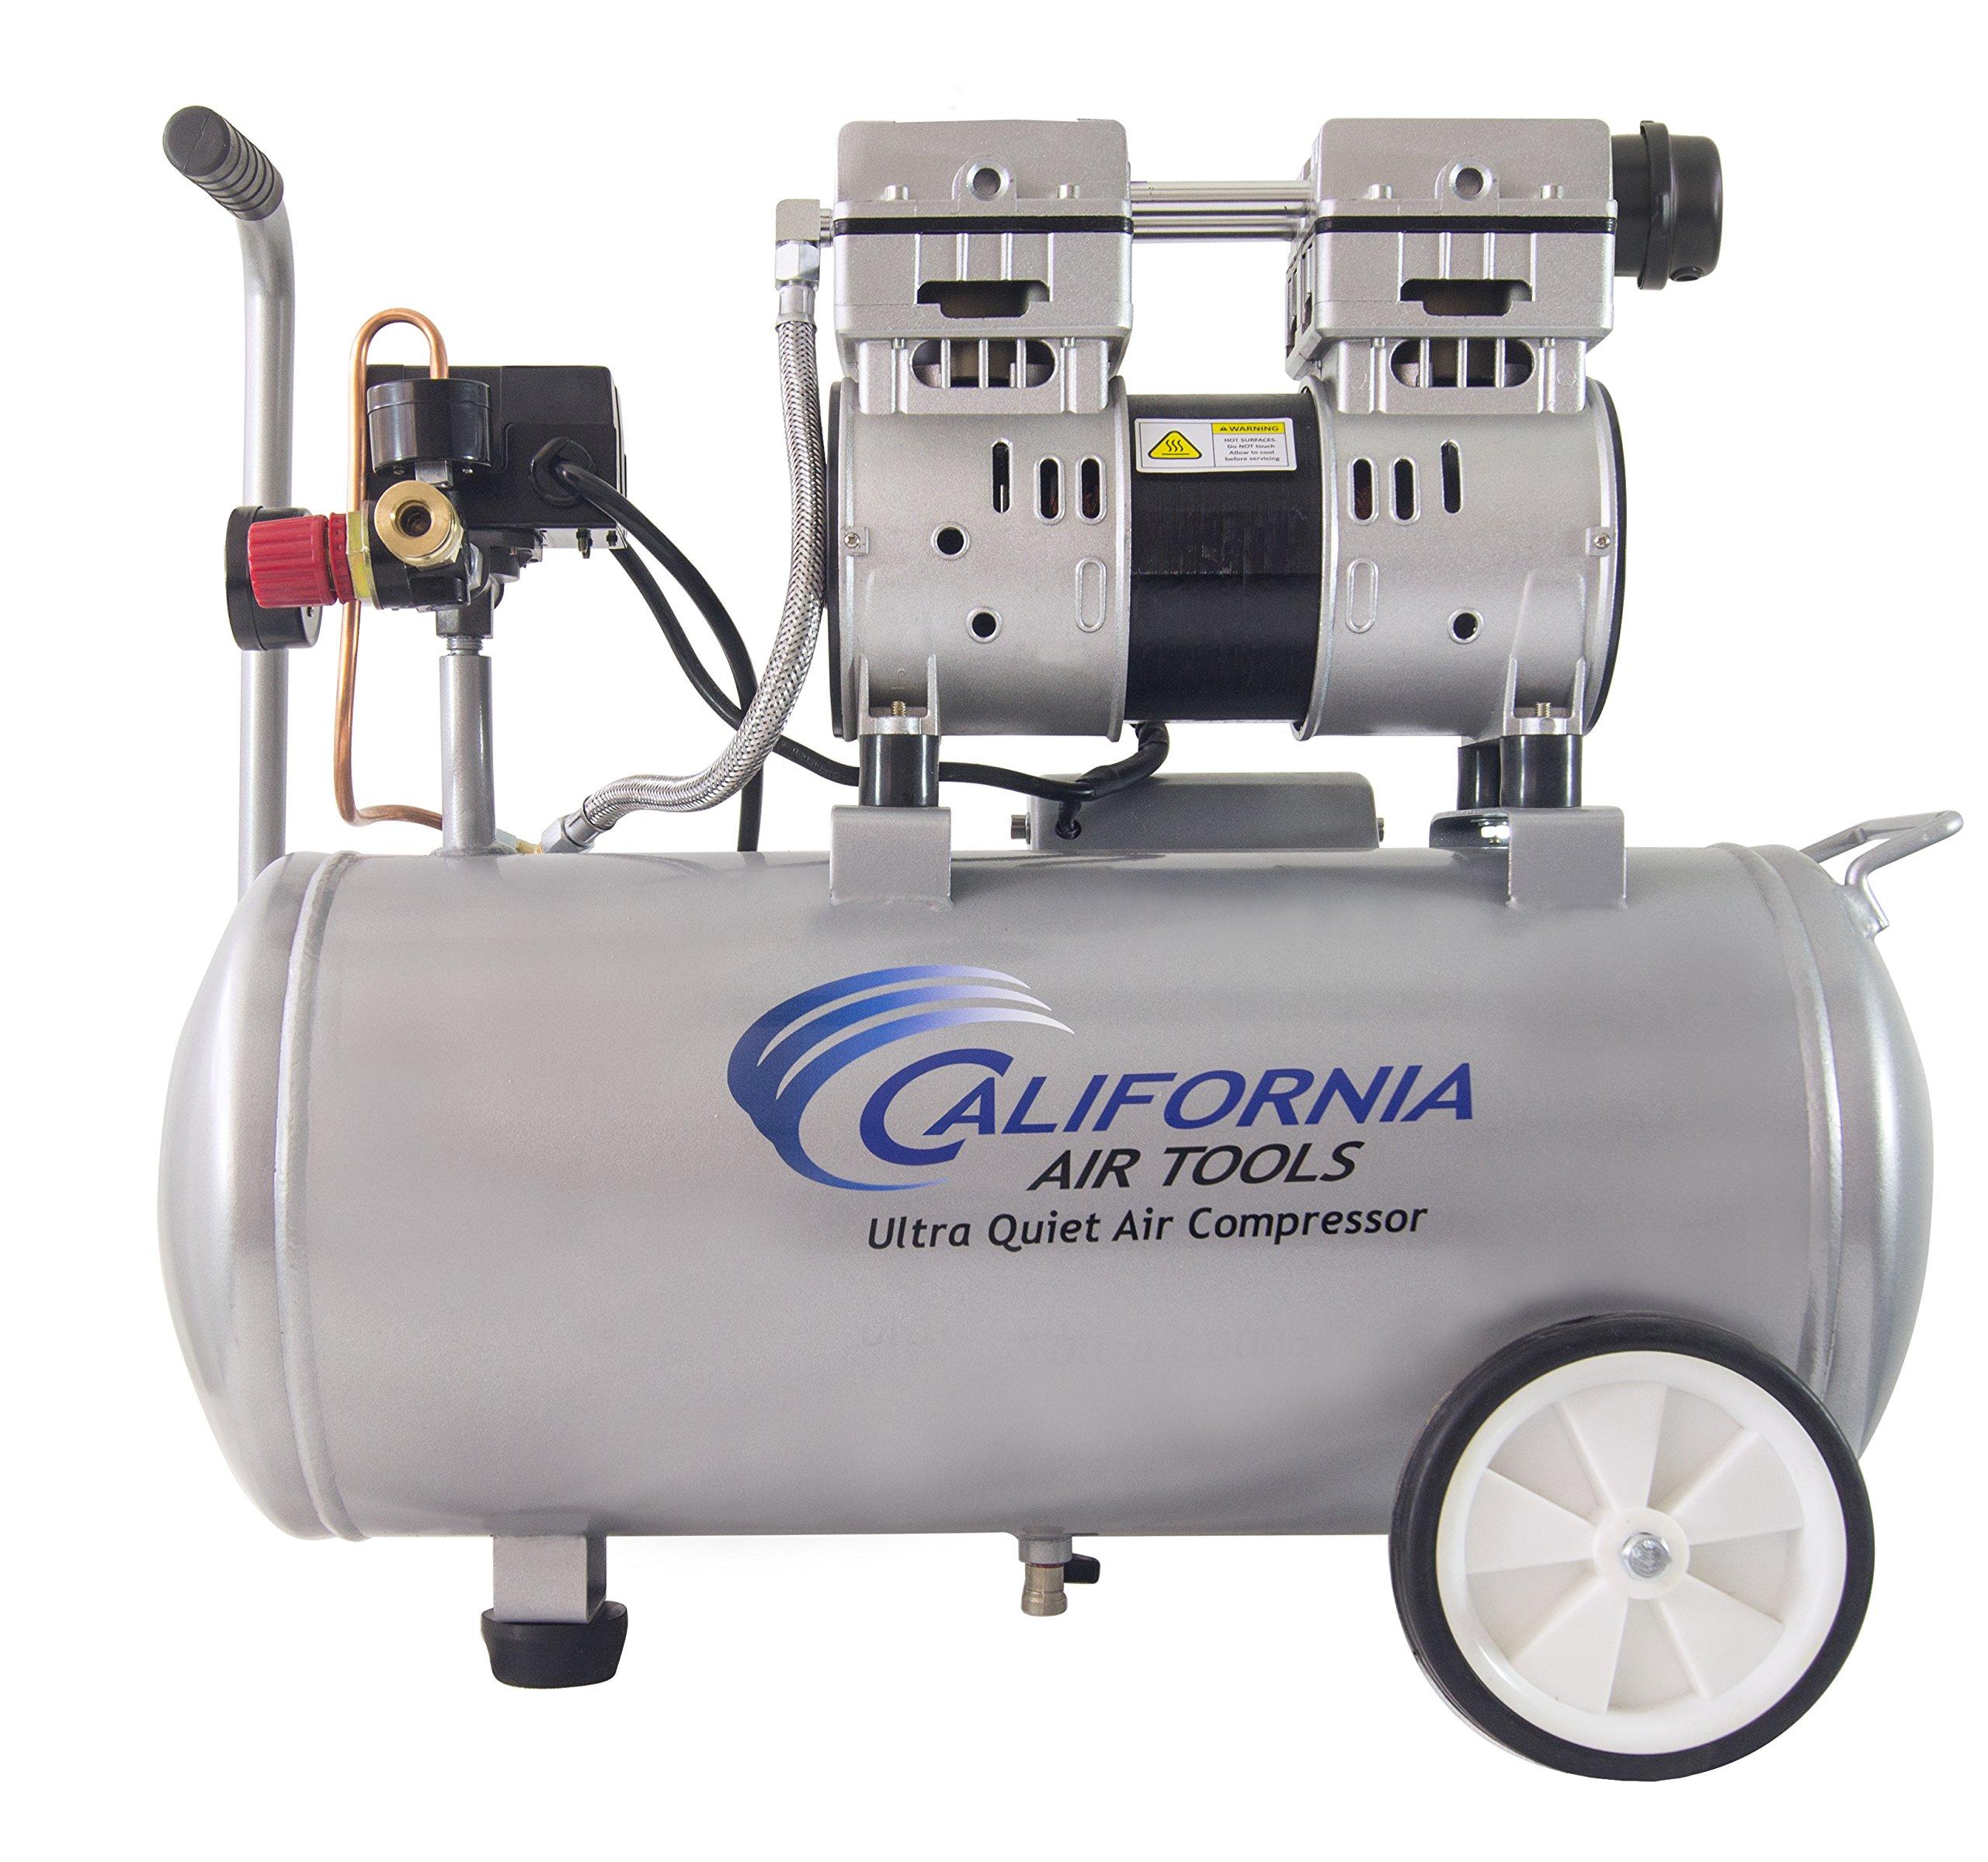 California Air Tools 8010 Compressor